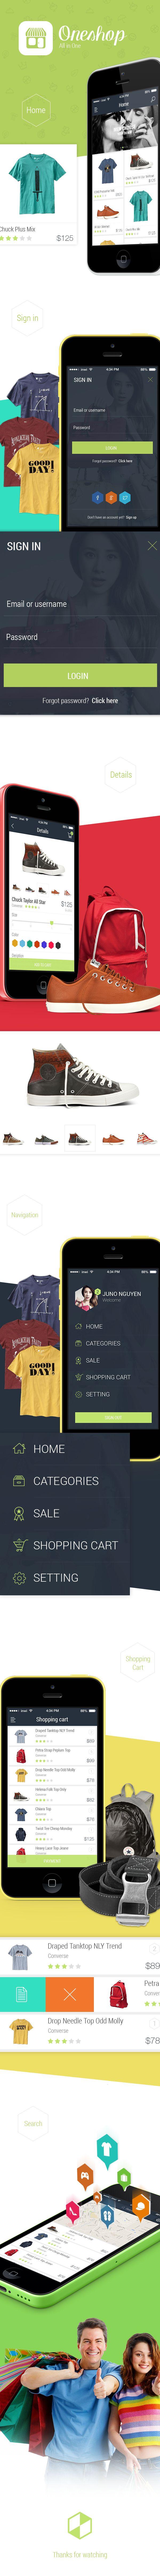 App - Mobile